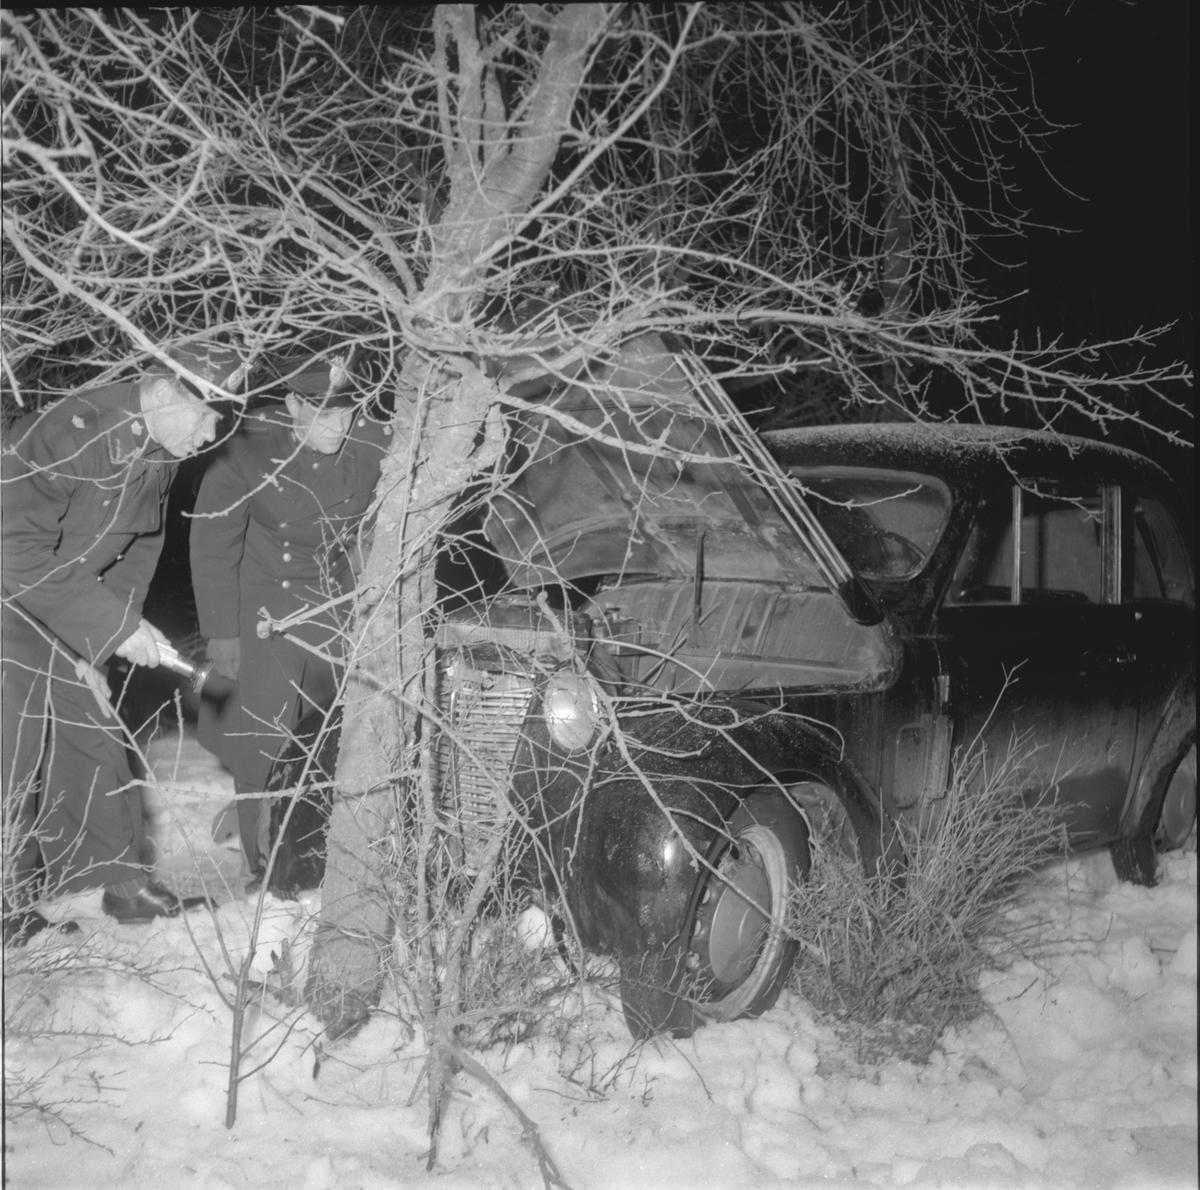 Efter att ha blivit jagade av poliser i radiobil, har ett par biltjuvar slutligen hejdats i Hackefors av ett träd. Olycka. Singelolycka.